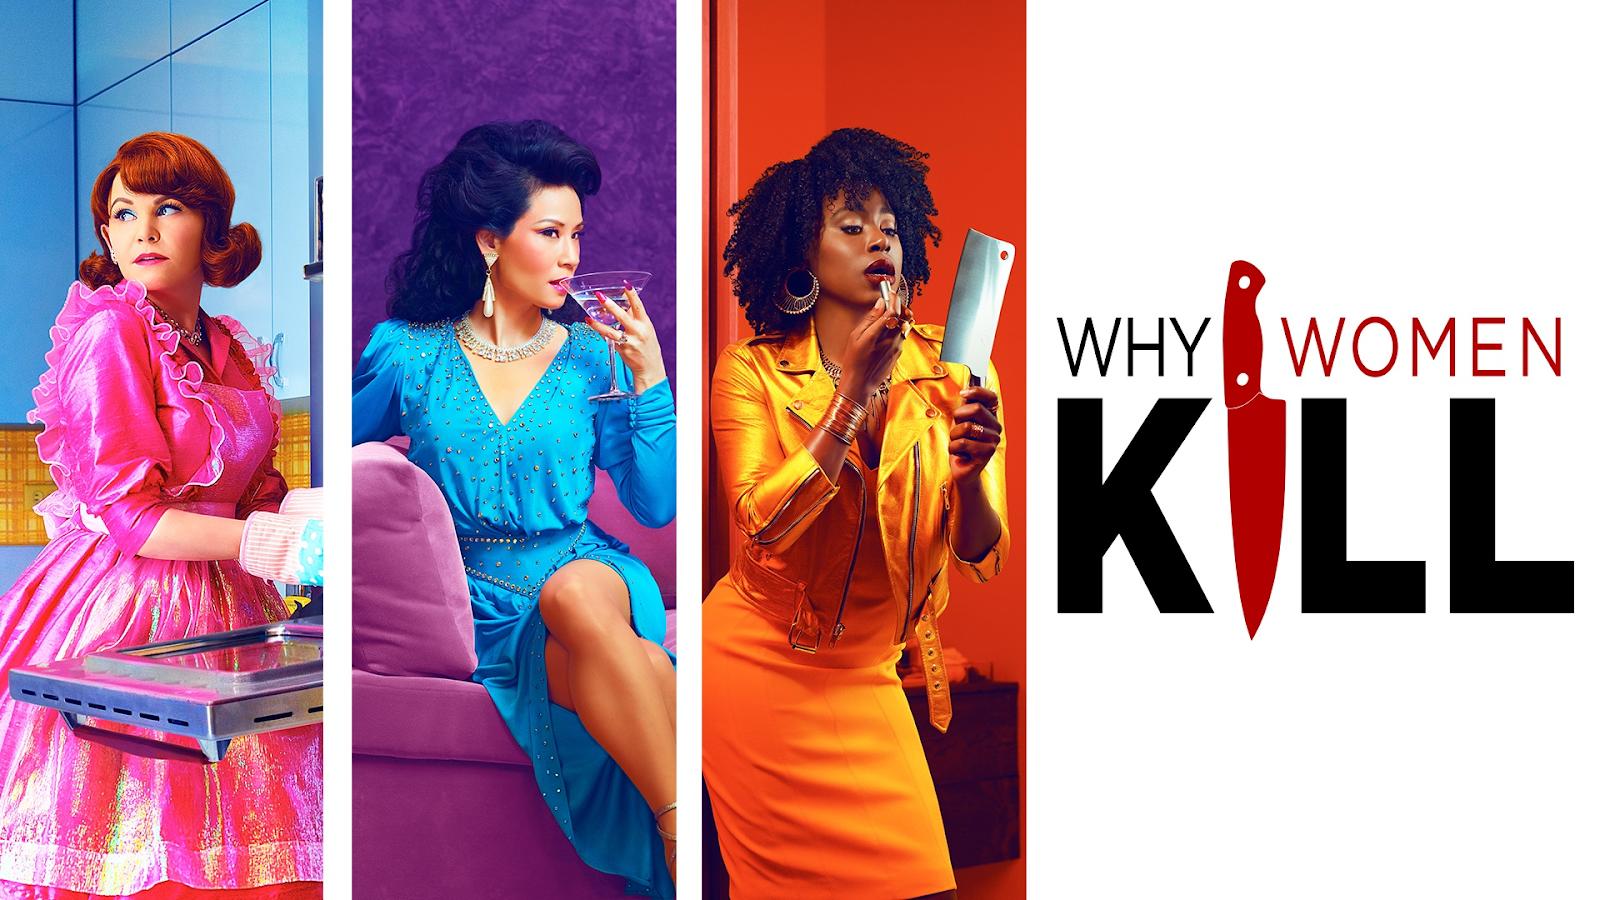 """Почему женщины убивают: новый шедевр от создателя """"отчаянных домохозяек"""""""